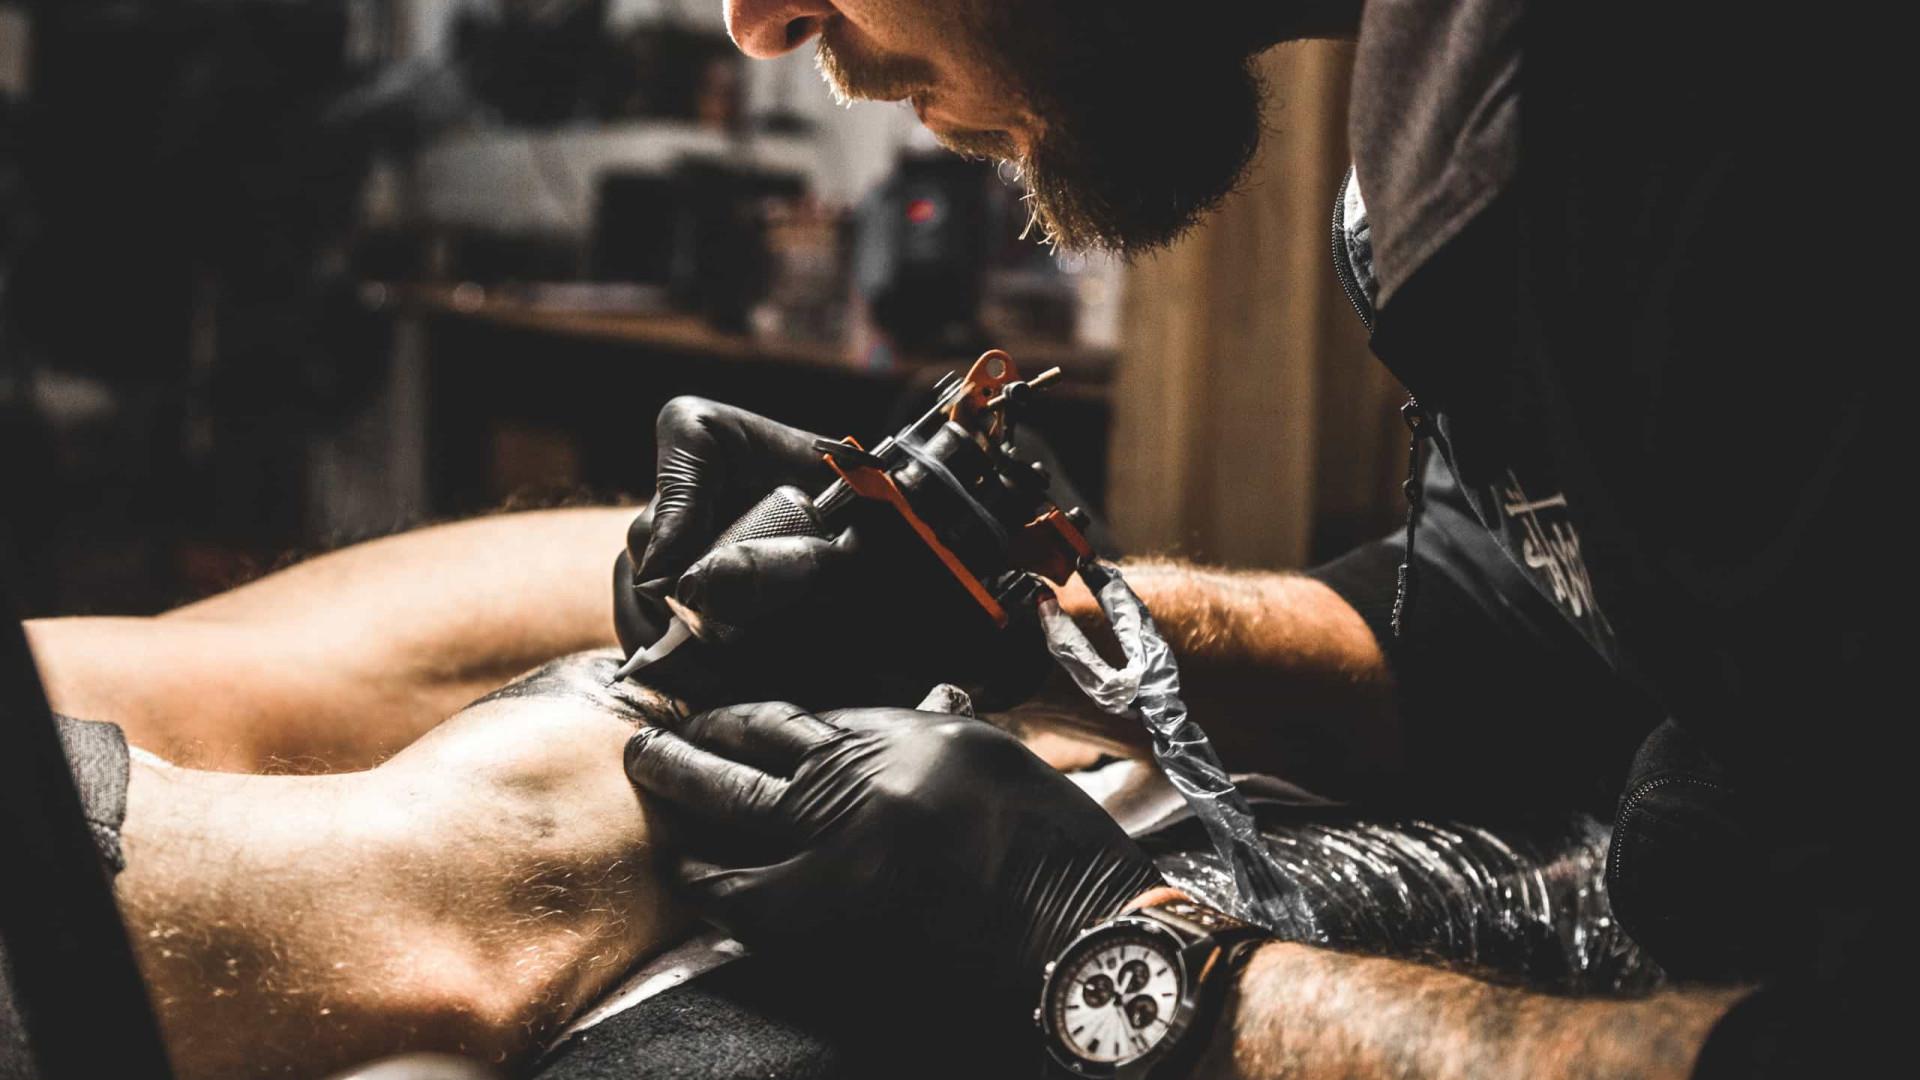 Entenda as novas tatuagens com tinta preta e aflição na ponta da agulha